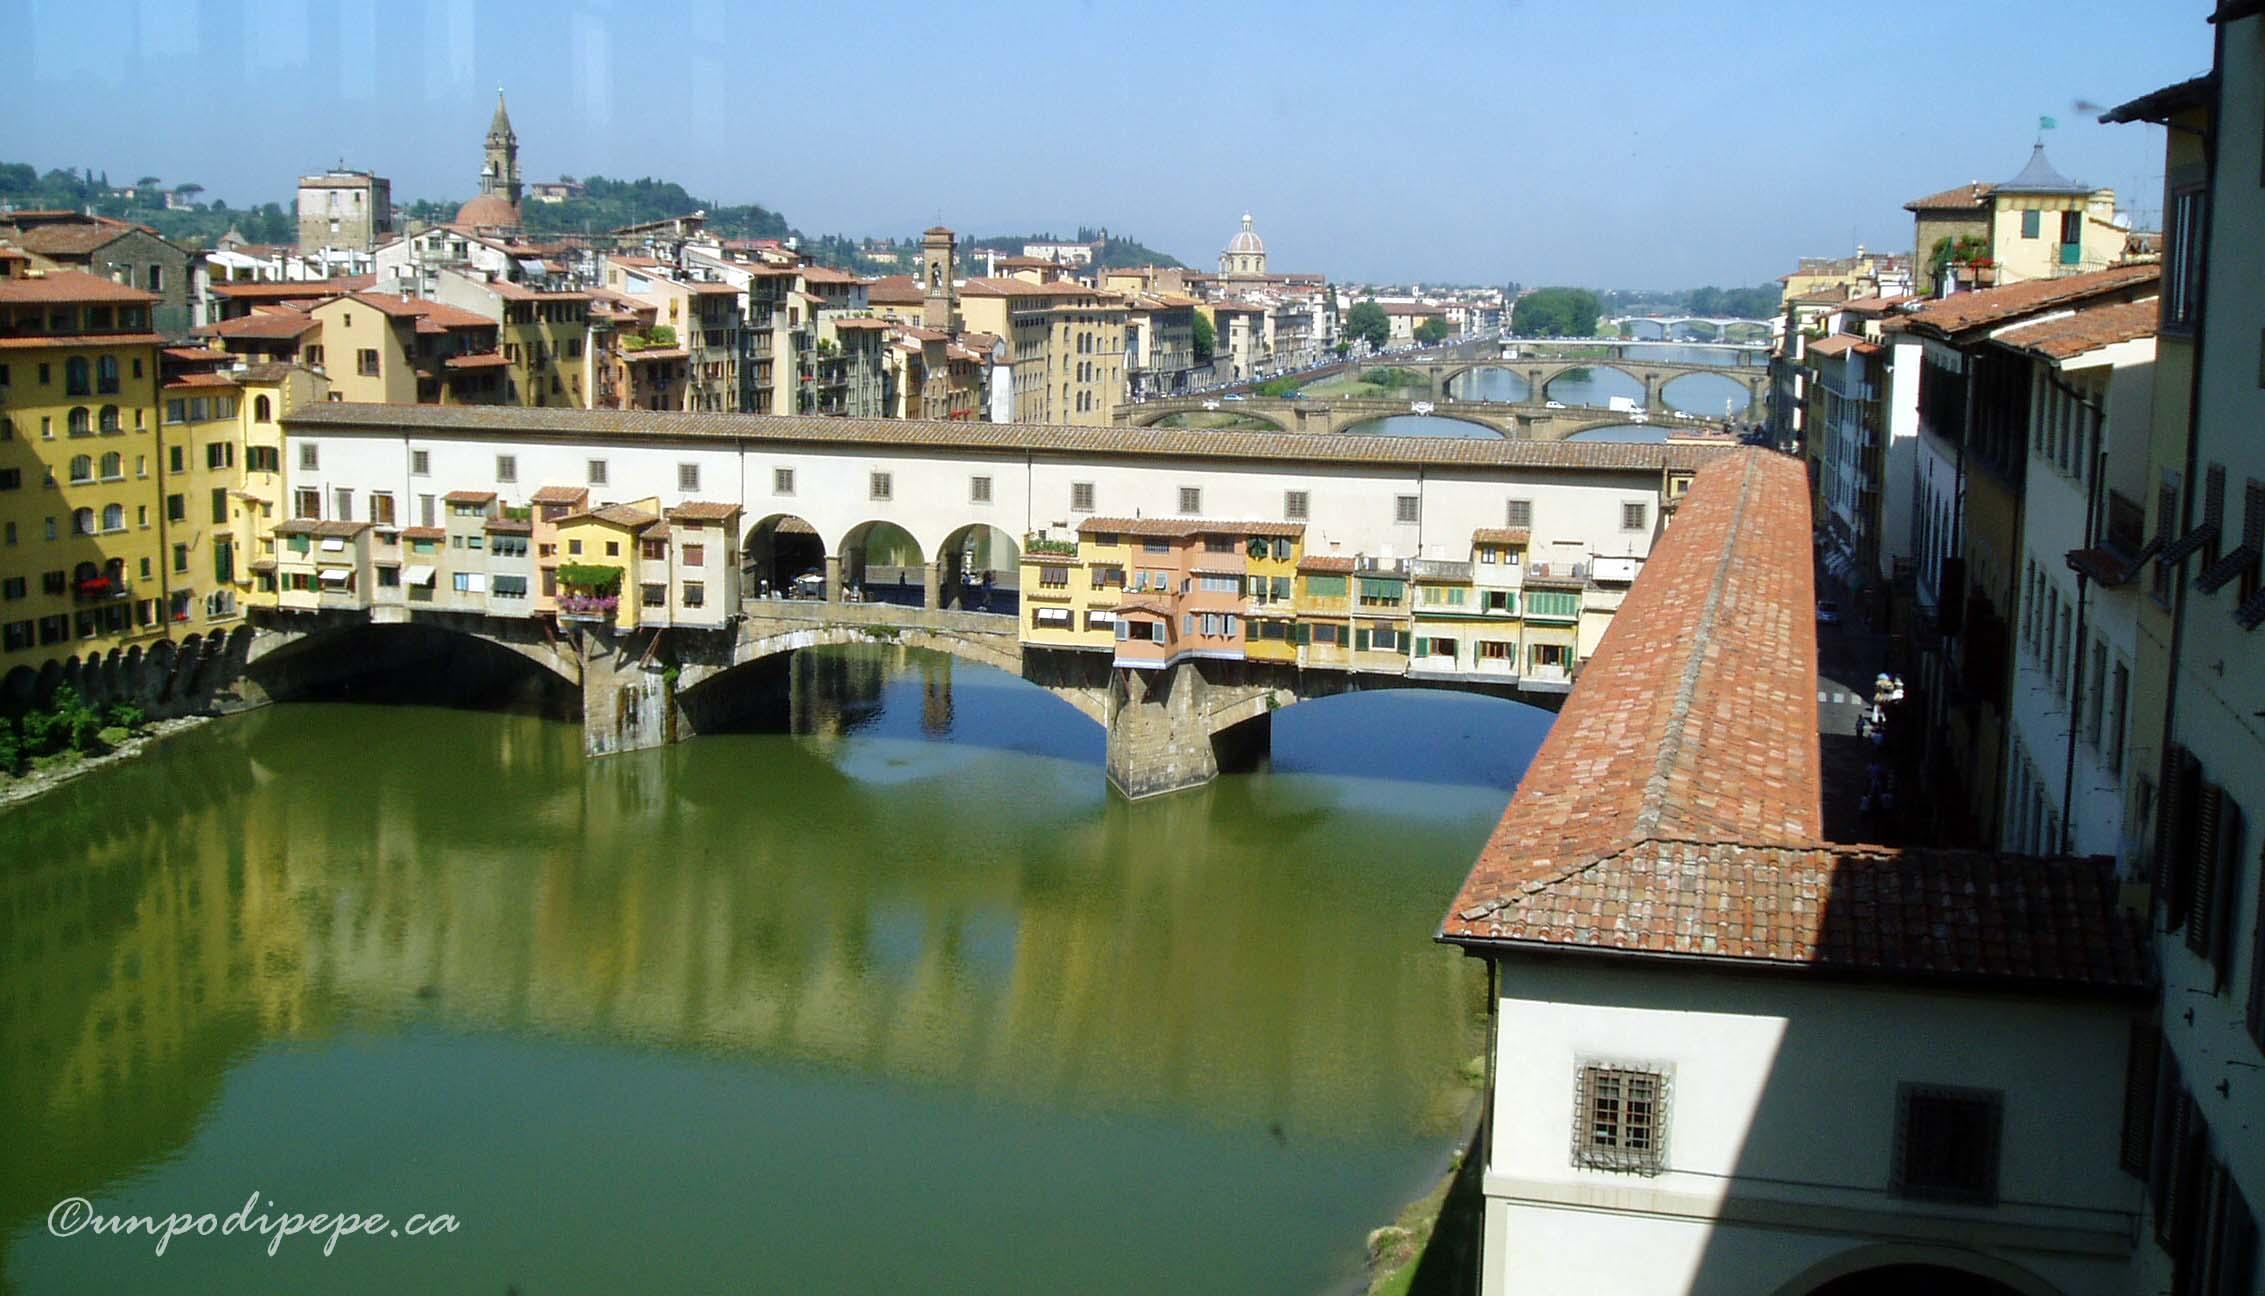 Vista dalla finestra degli Uffizi/View of the Ponte Vecchio from a window in the Uffizi Gallery